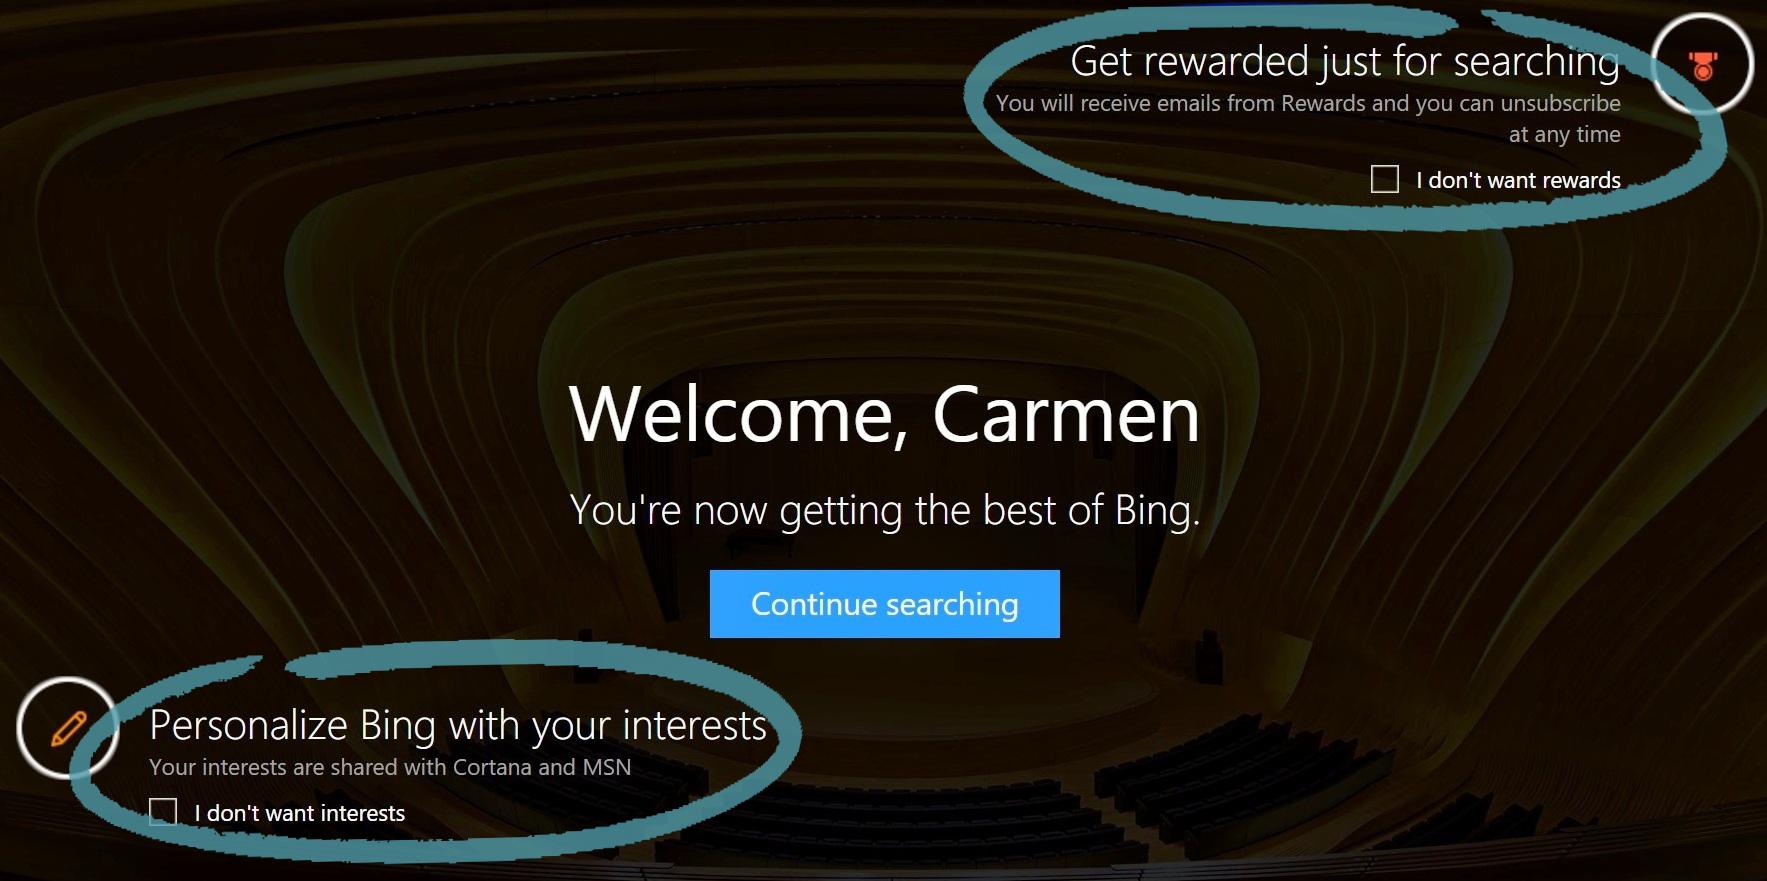 головна сторінка Bing з реєстрацією в програмі винагород та інтересах